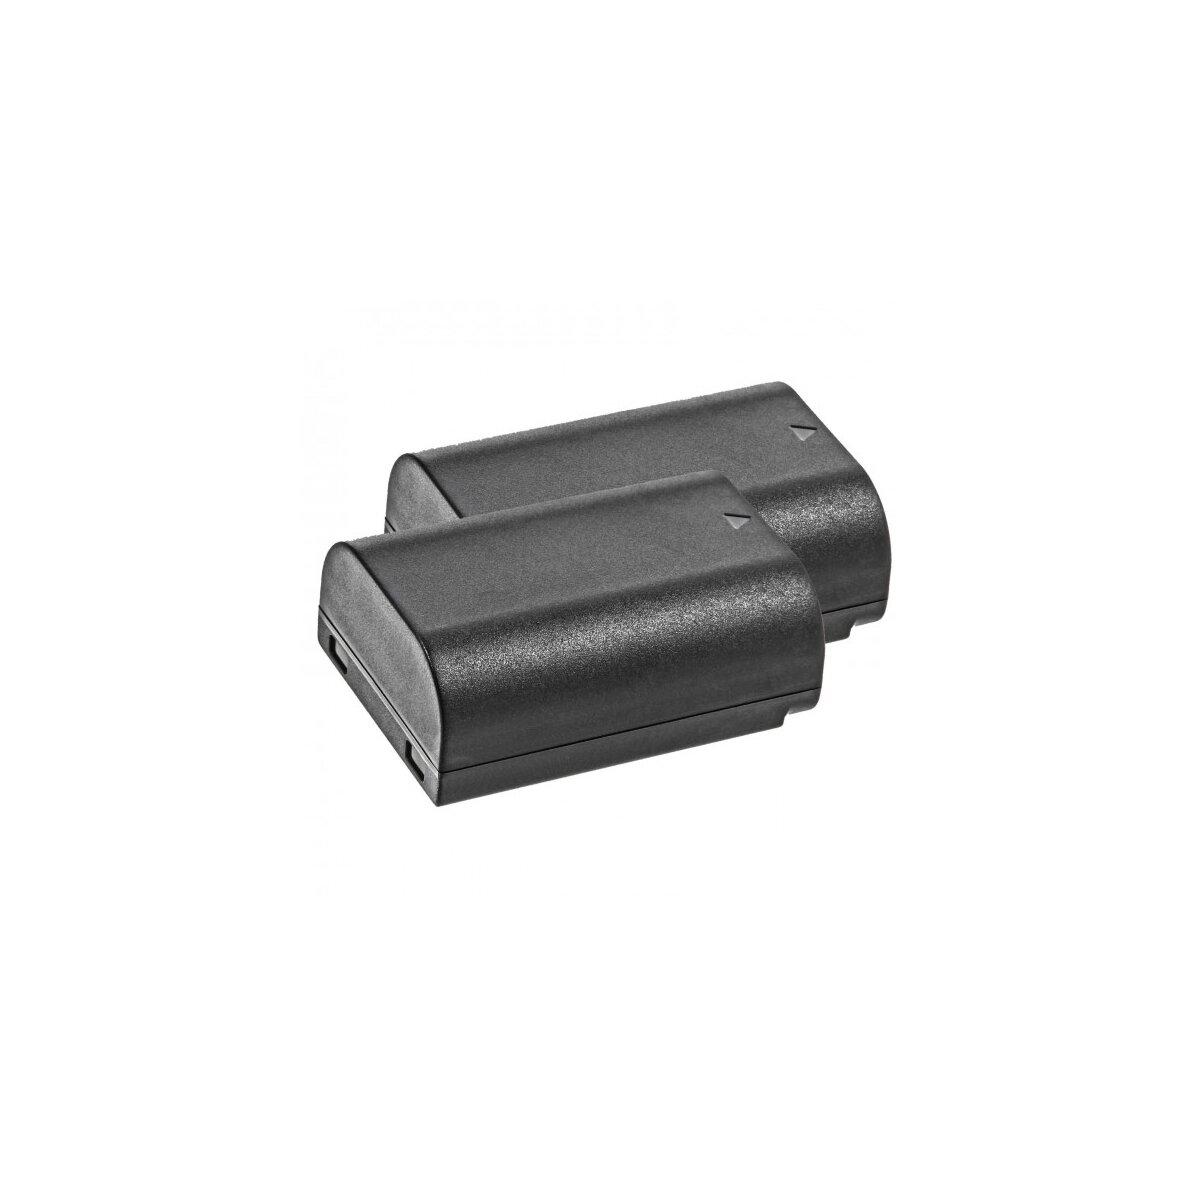 2x Power Akku 1860 mAh Ersatz für ED-BP1900 / BP-1900 Minadax® Qualitätsakku kompatibel mit Samsung NX1 / NX-1 - Intelligentes Akkusystem mit Chip